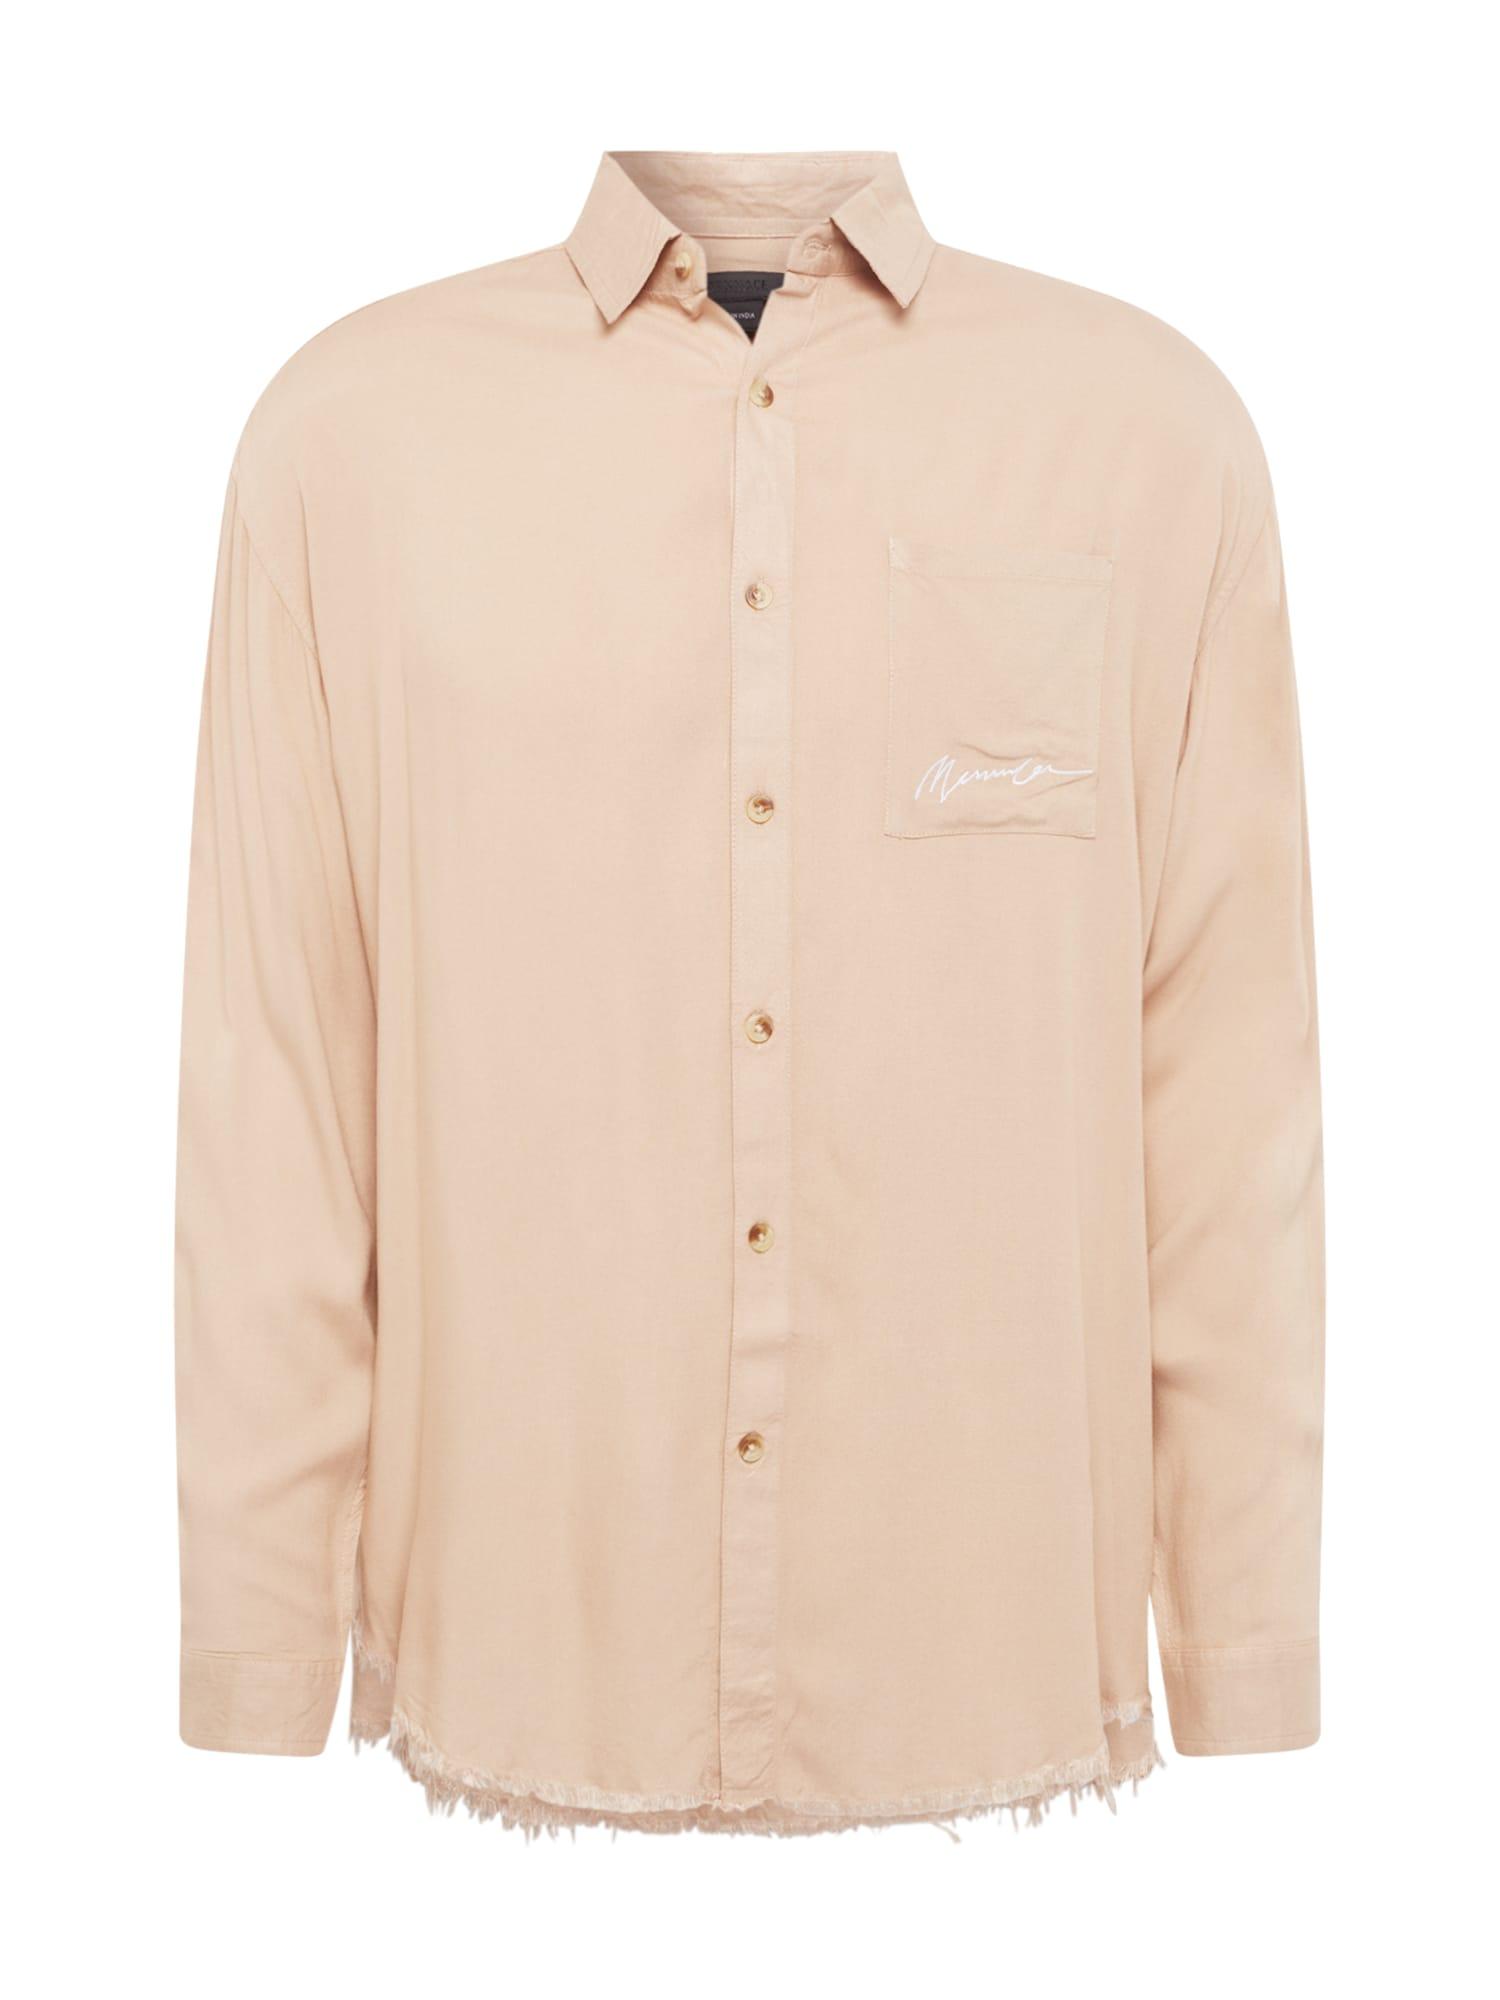 Mennace Marškiniai kapučino spalva / balta